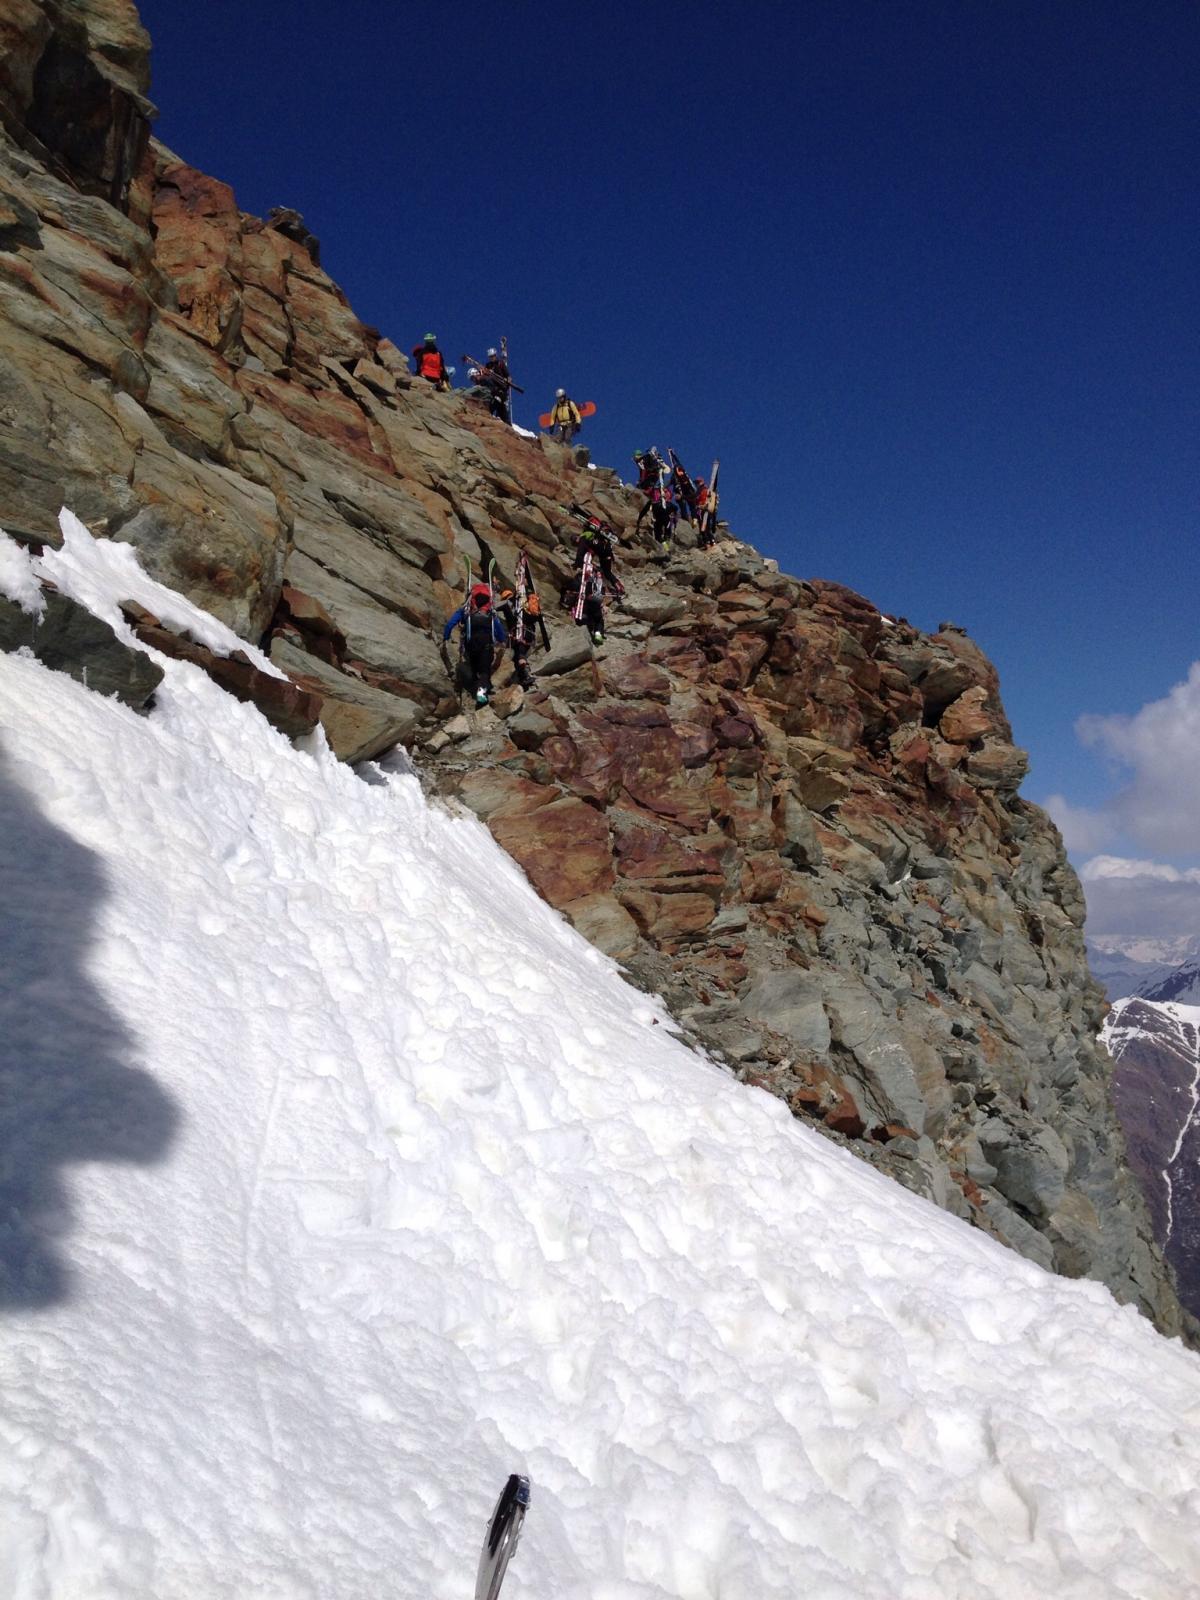 Il punto di passaggio a quota 3000 circa per scendere sul margine del ghiacciaio di Monte Grivoletta